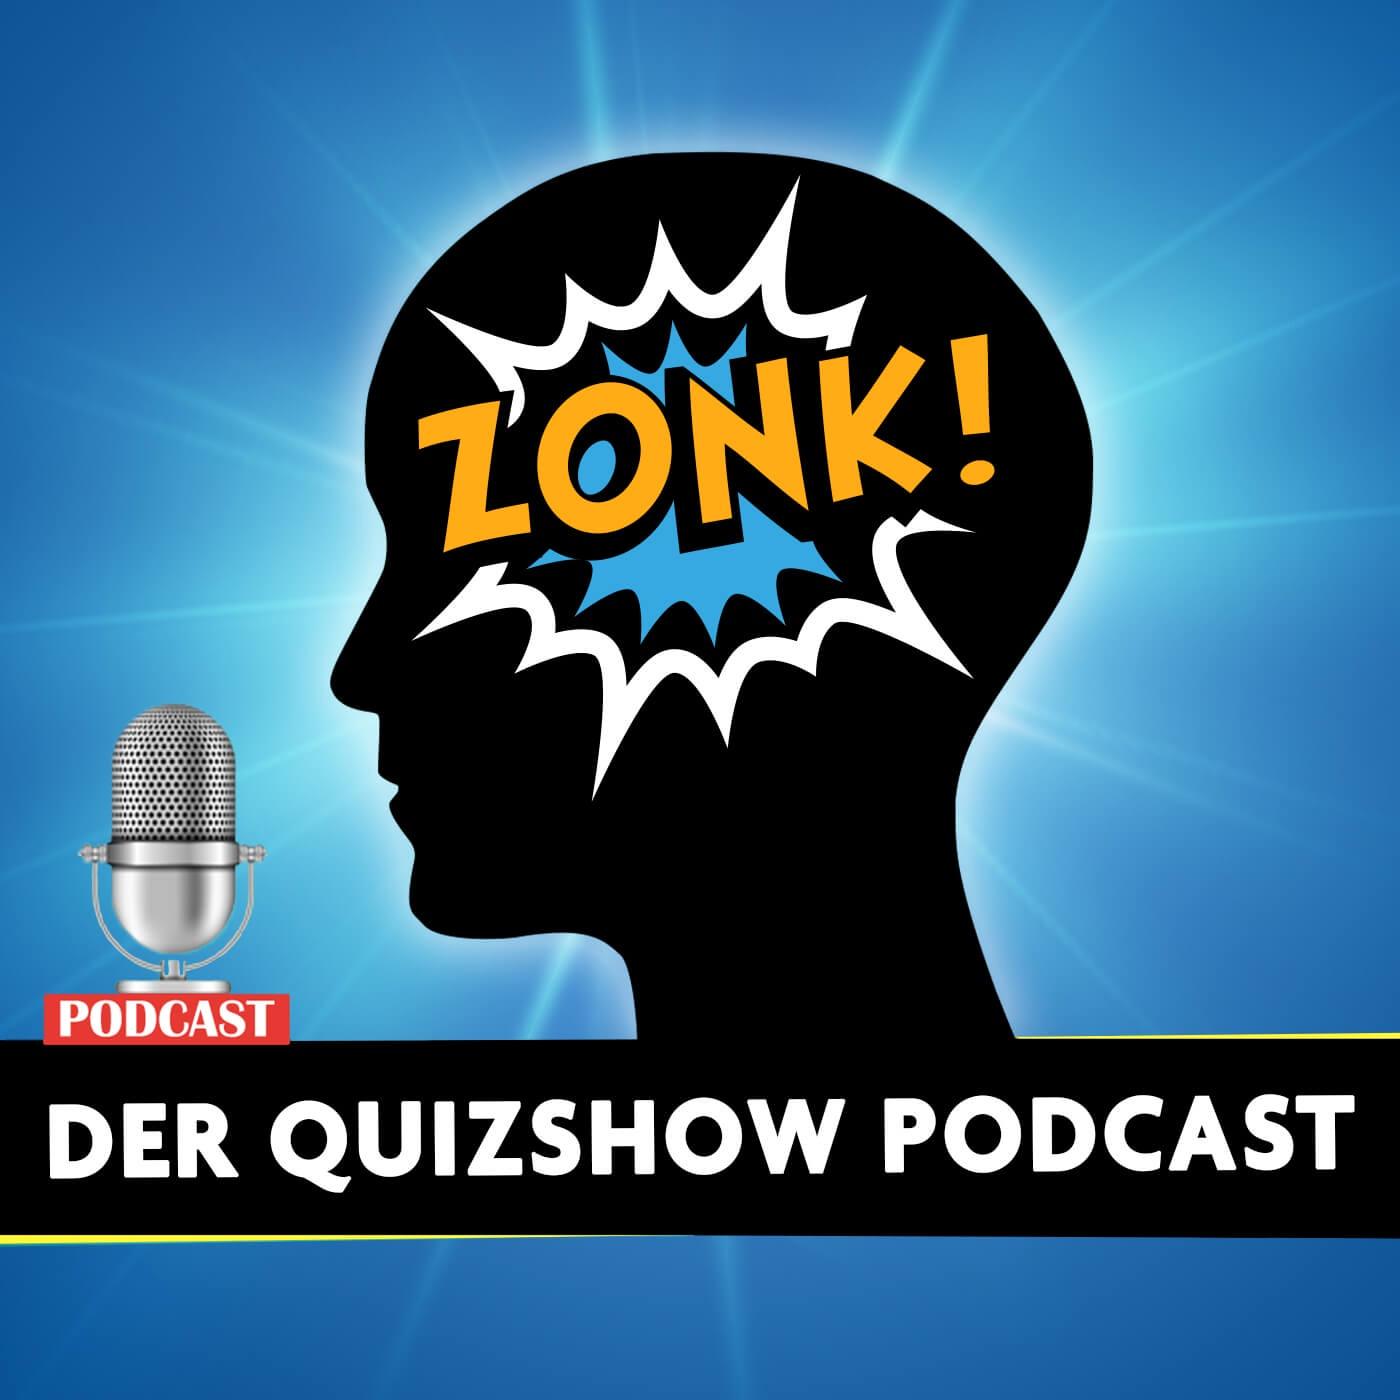 ZONK! Der Quizshow Podcast | Das Allgemeinwissen Rätsel Quiz mit Lösungen